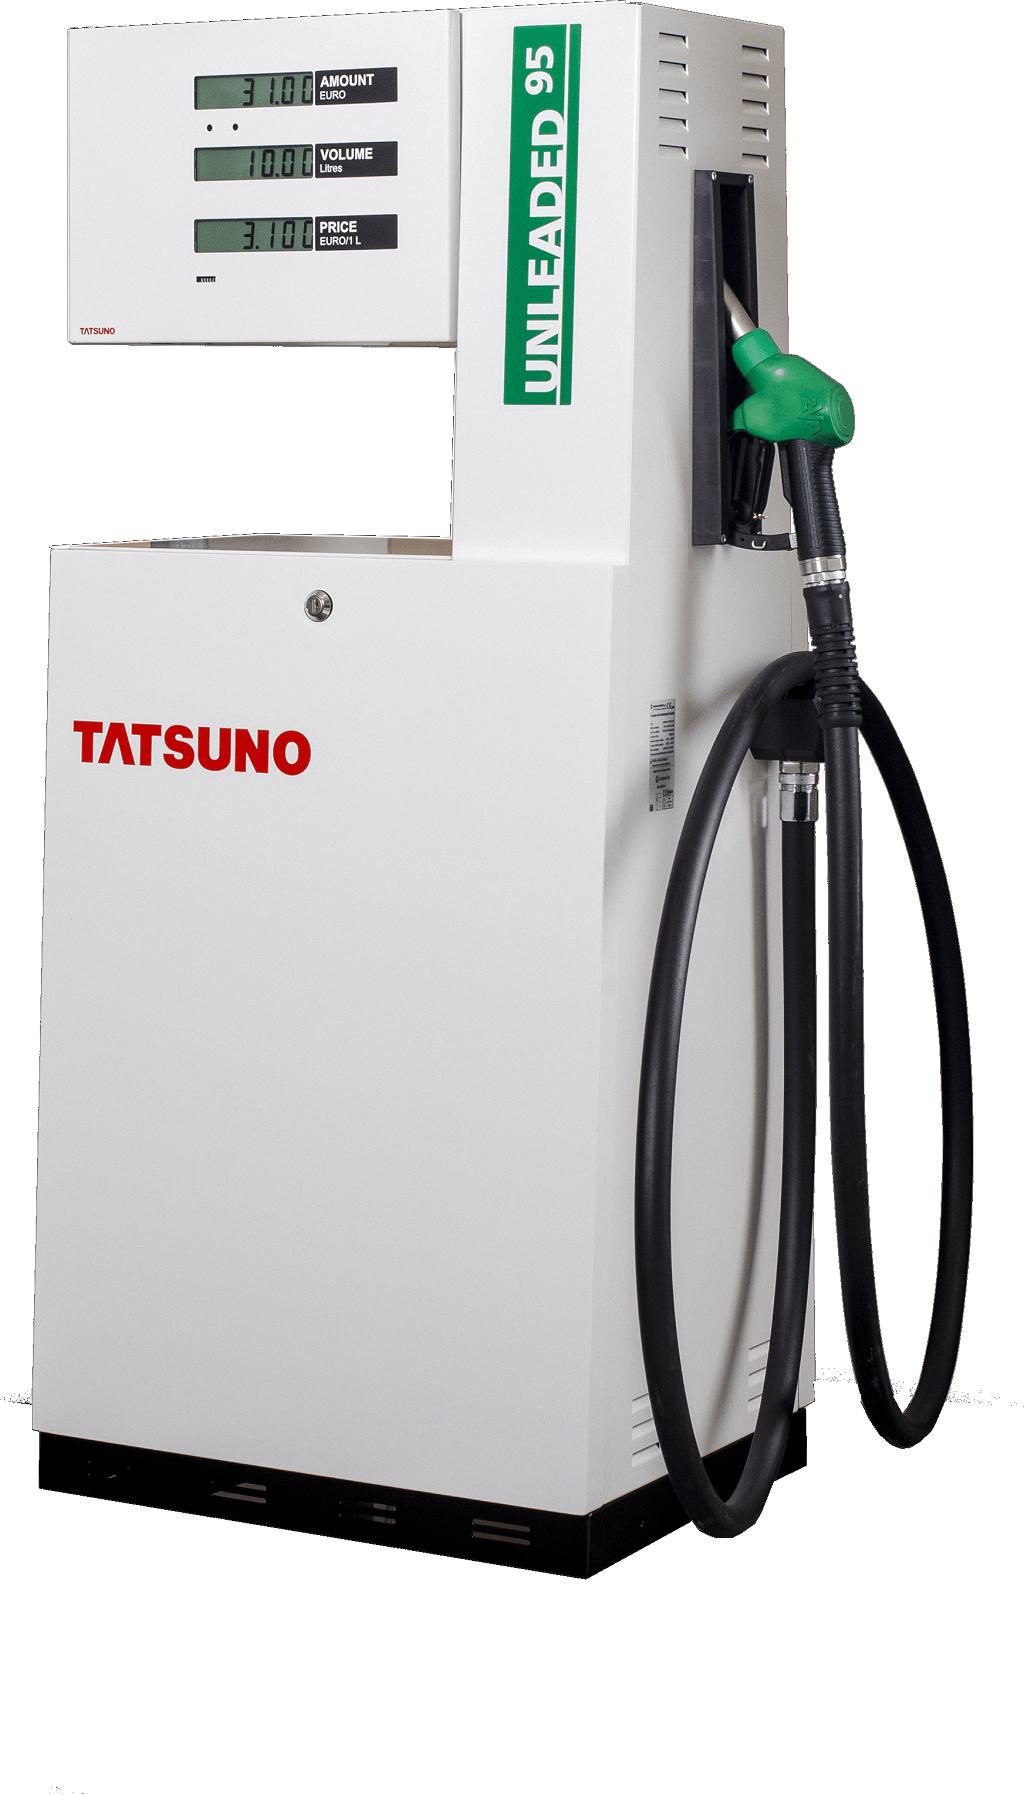 Distributeur de carburant publique gamme ALX Gasoil et GNR